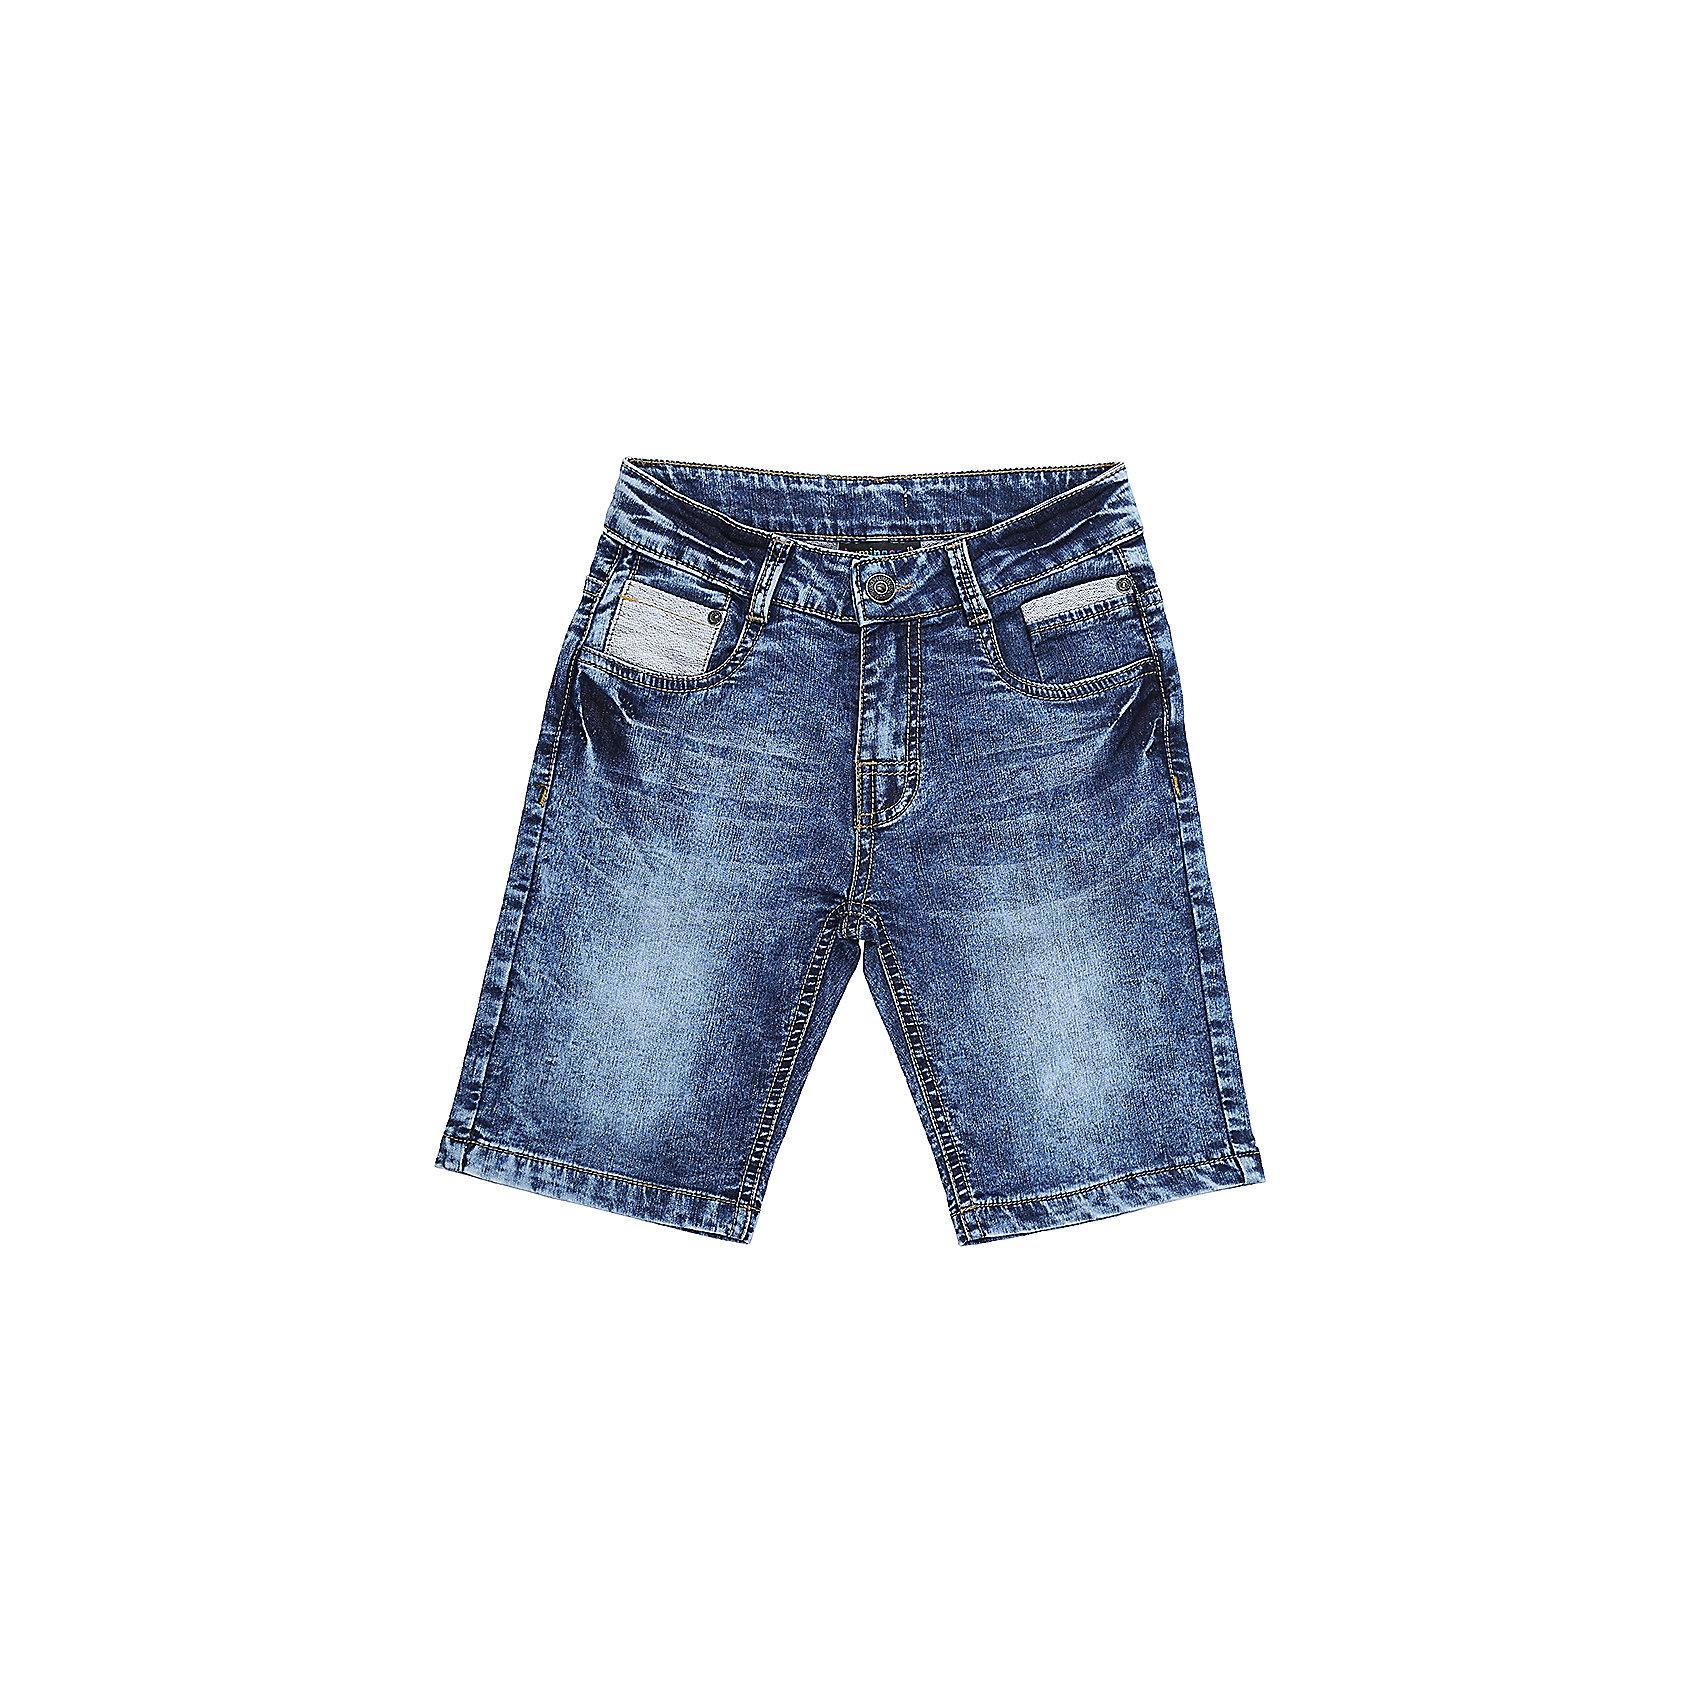 Шорты джинсовые для мальчика LuminosoШорты, бриджи, капри<br>Джинсовые шорты для мальчика. Застегиваются на молнию и пуговицу.   В боковой части пояса находятся вшитые эластичные ленты, регулирующие посадку по талии.<br>Состав:<br>98%хлопок 2%эластан<br><br>Ширина мм: 191<br>Глубина мм: 10<br>Высота мм: 175<br>Вес г: 273<br>Цвет: синий<br>Возраст от месяцев: 132<br>Возраст до месяцев: 144<br>Пол: Мужской<br>Возраст: Детский<br>Размер: 152,134,140,146,158,164<br>SKU: 5409706